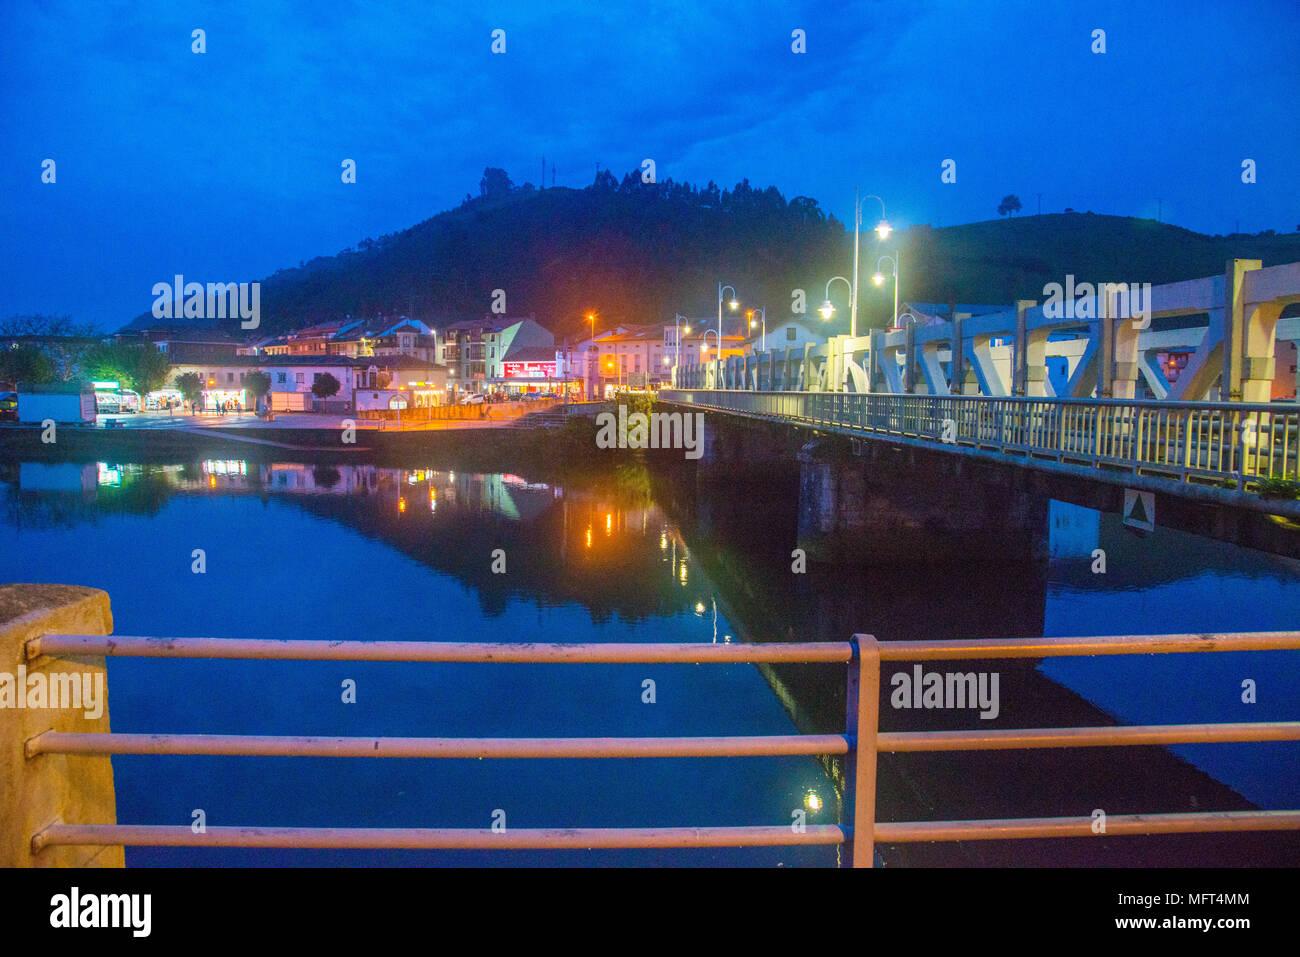 Río Deva y vistas del pueblo de Bustio durante la noche. Unquera, Cantabria, España. Foto de stock